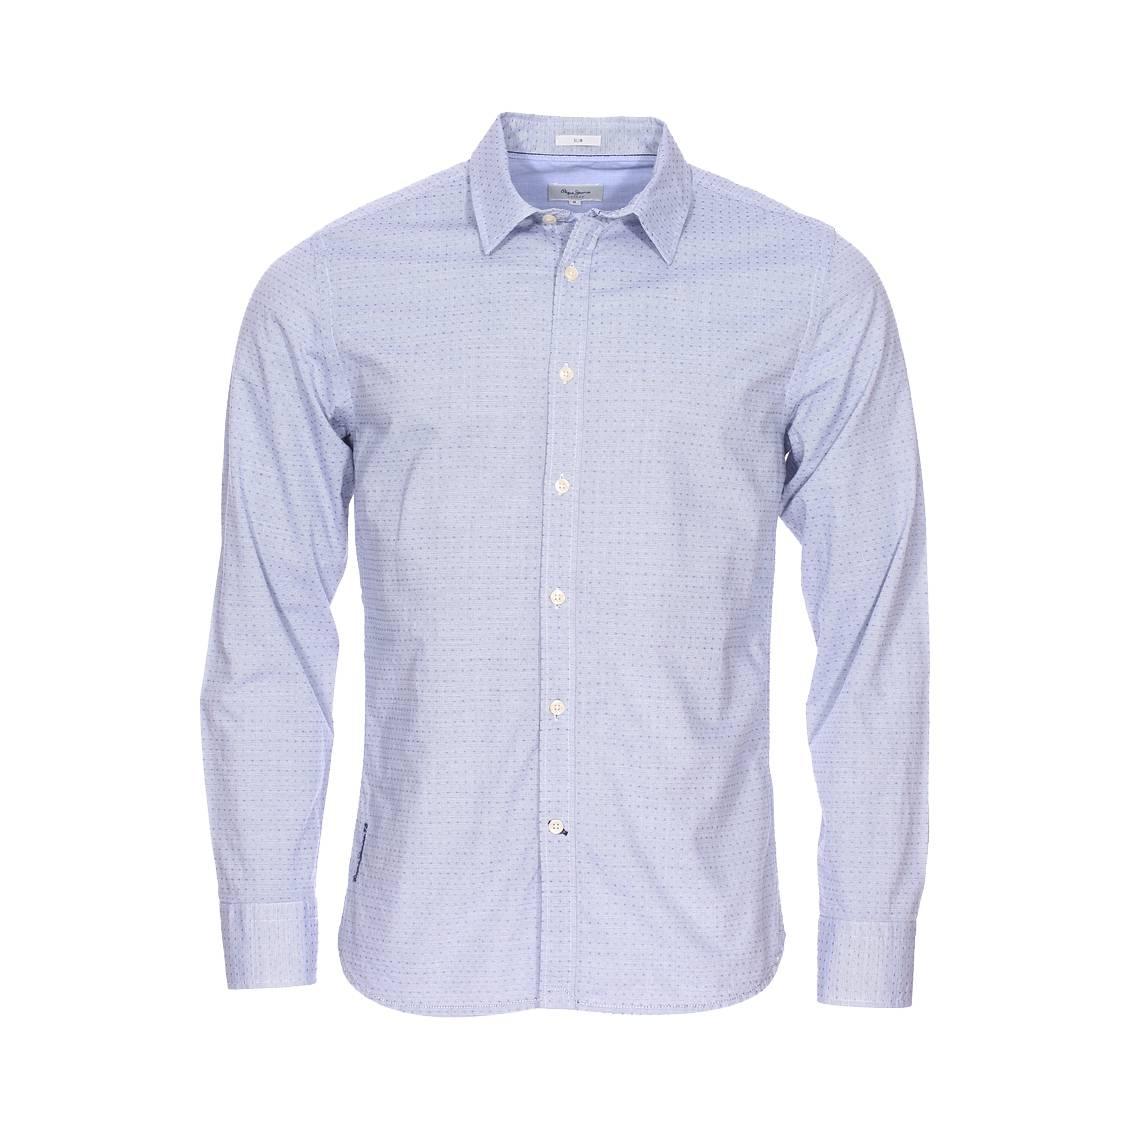 Chemise cintrée  ringo en coton bleu à fines rayures blanches et à pois bleus